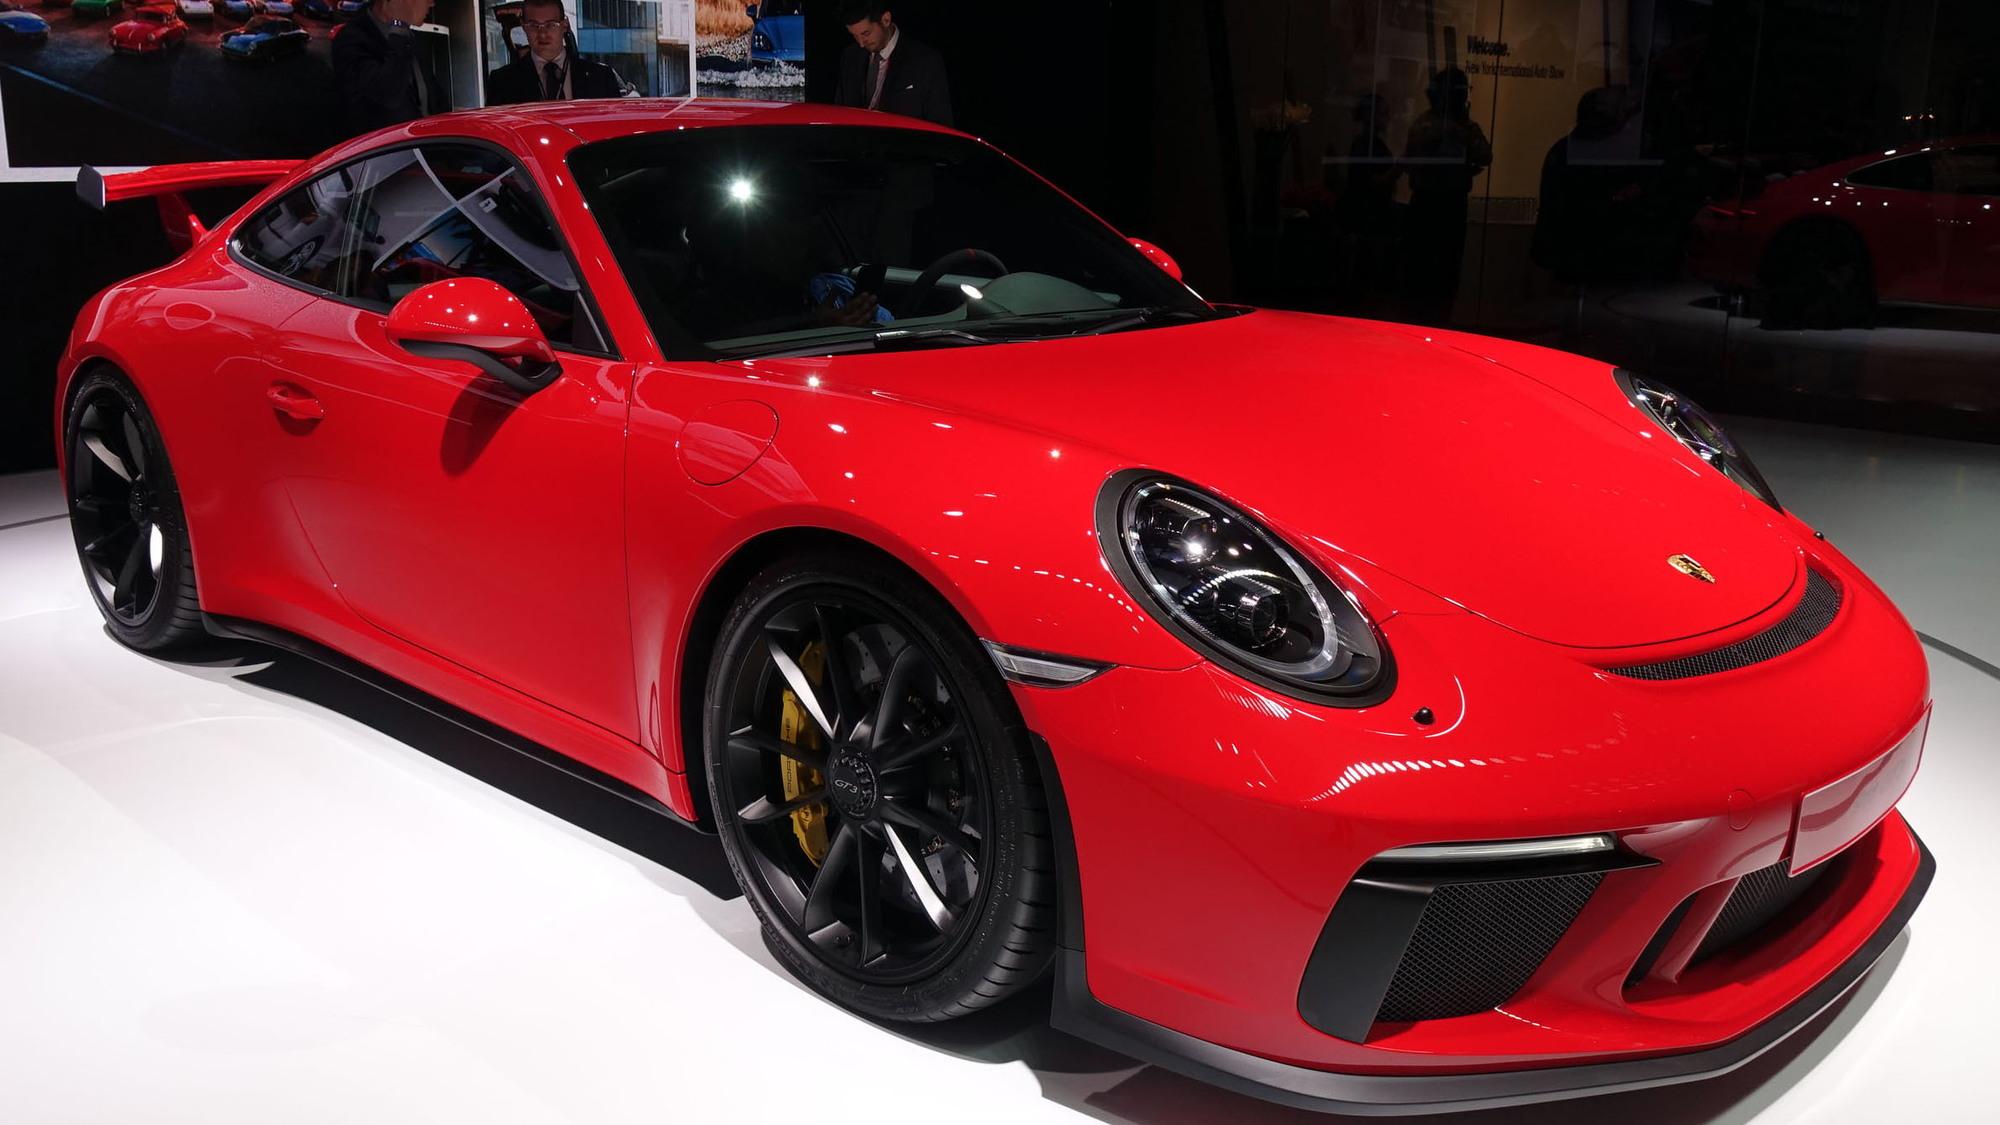 2018 Porsche 911 GT3, 2017 New York auto show